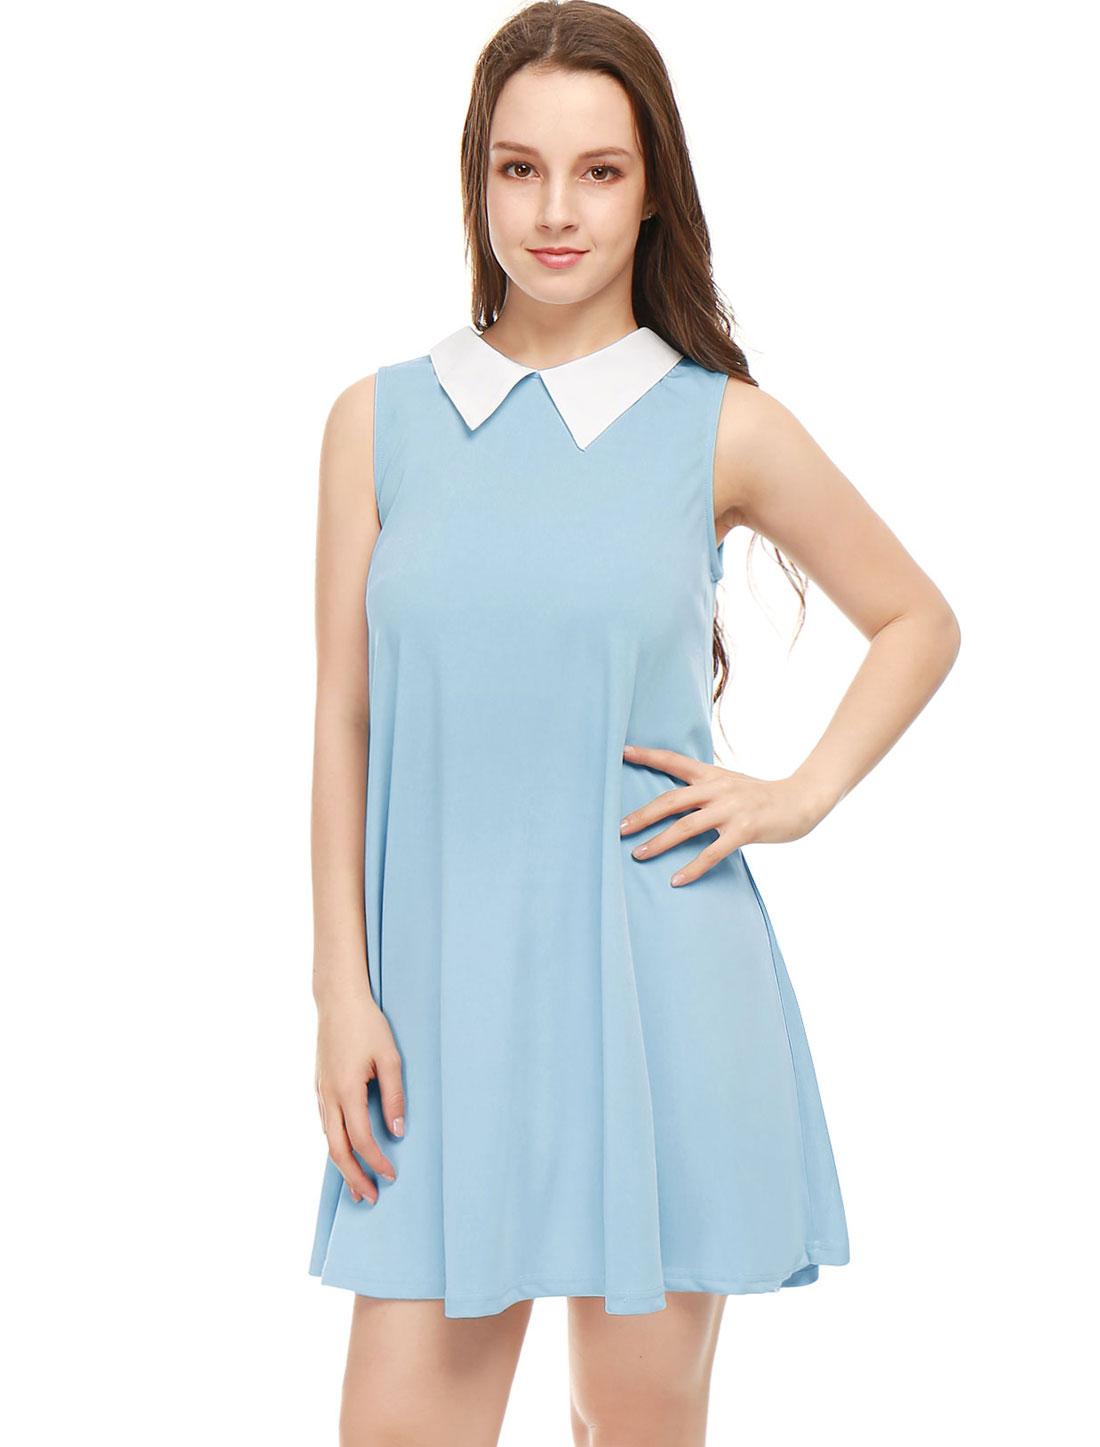 Allegra K Women Contrast Color Peter Pan Collar Sleeveless Swing Dress Blue XL